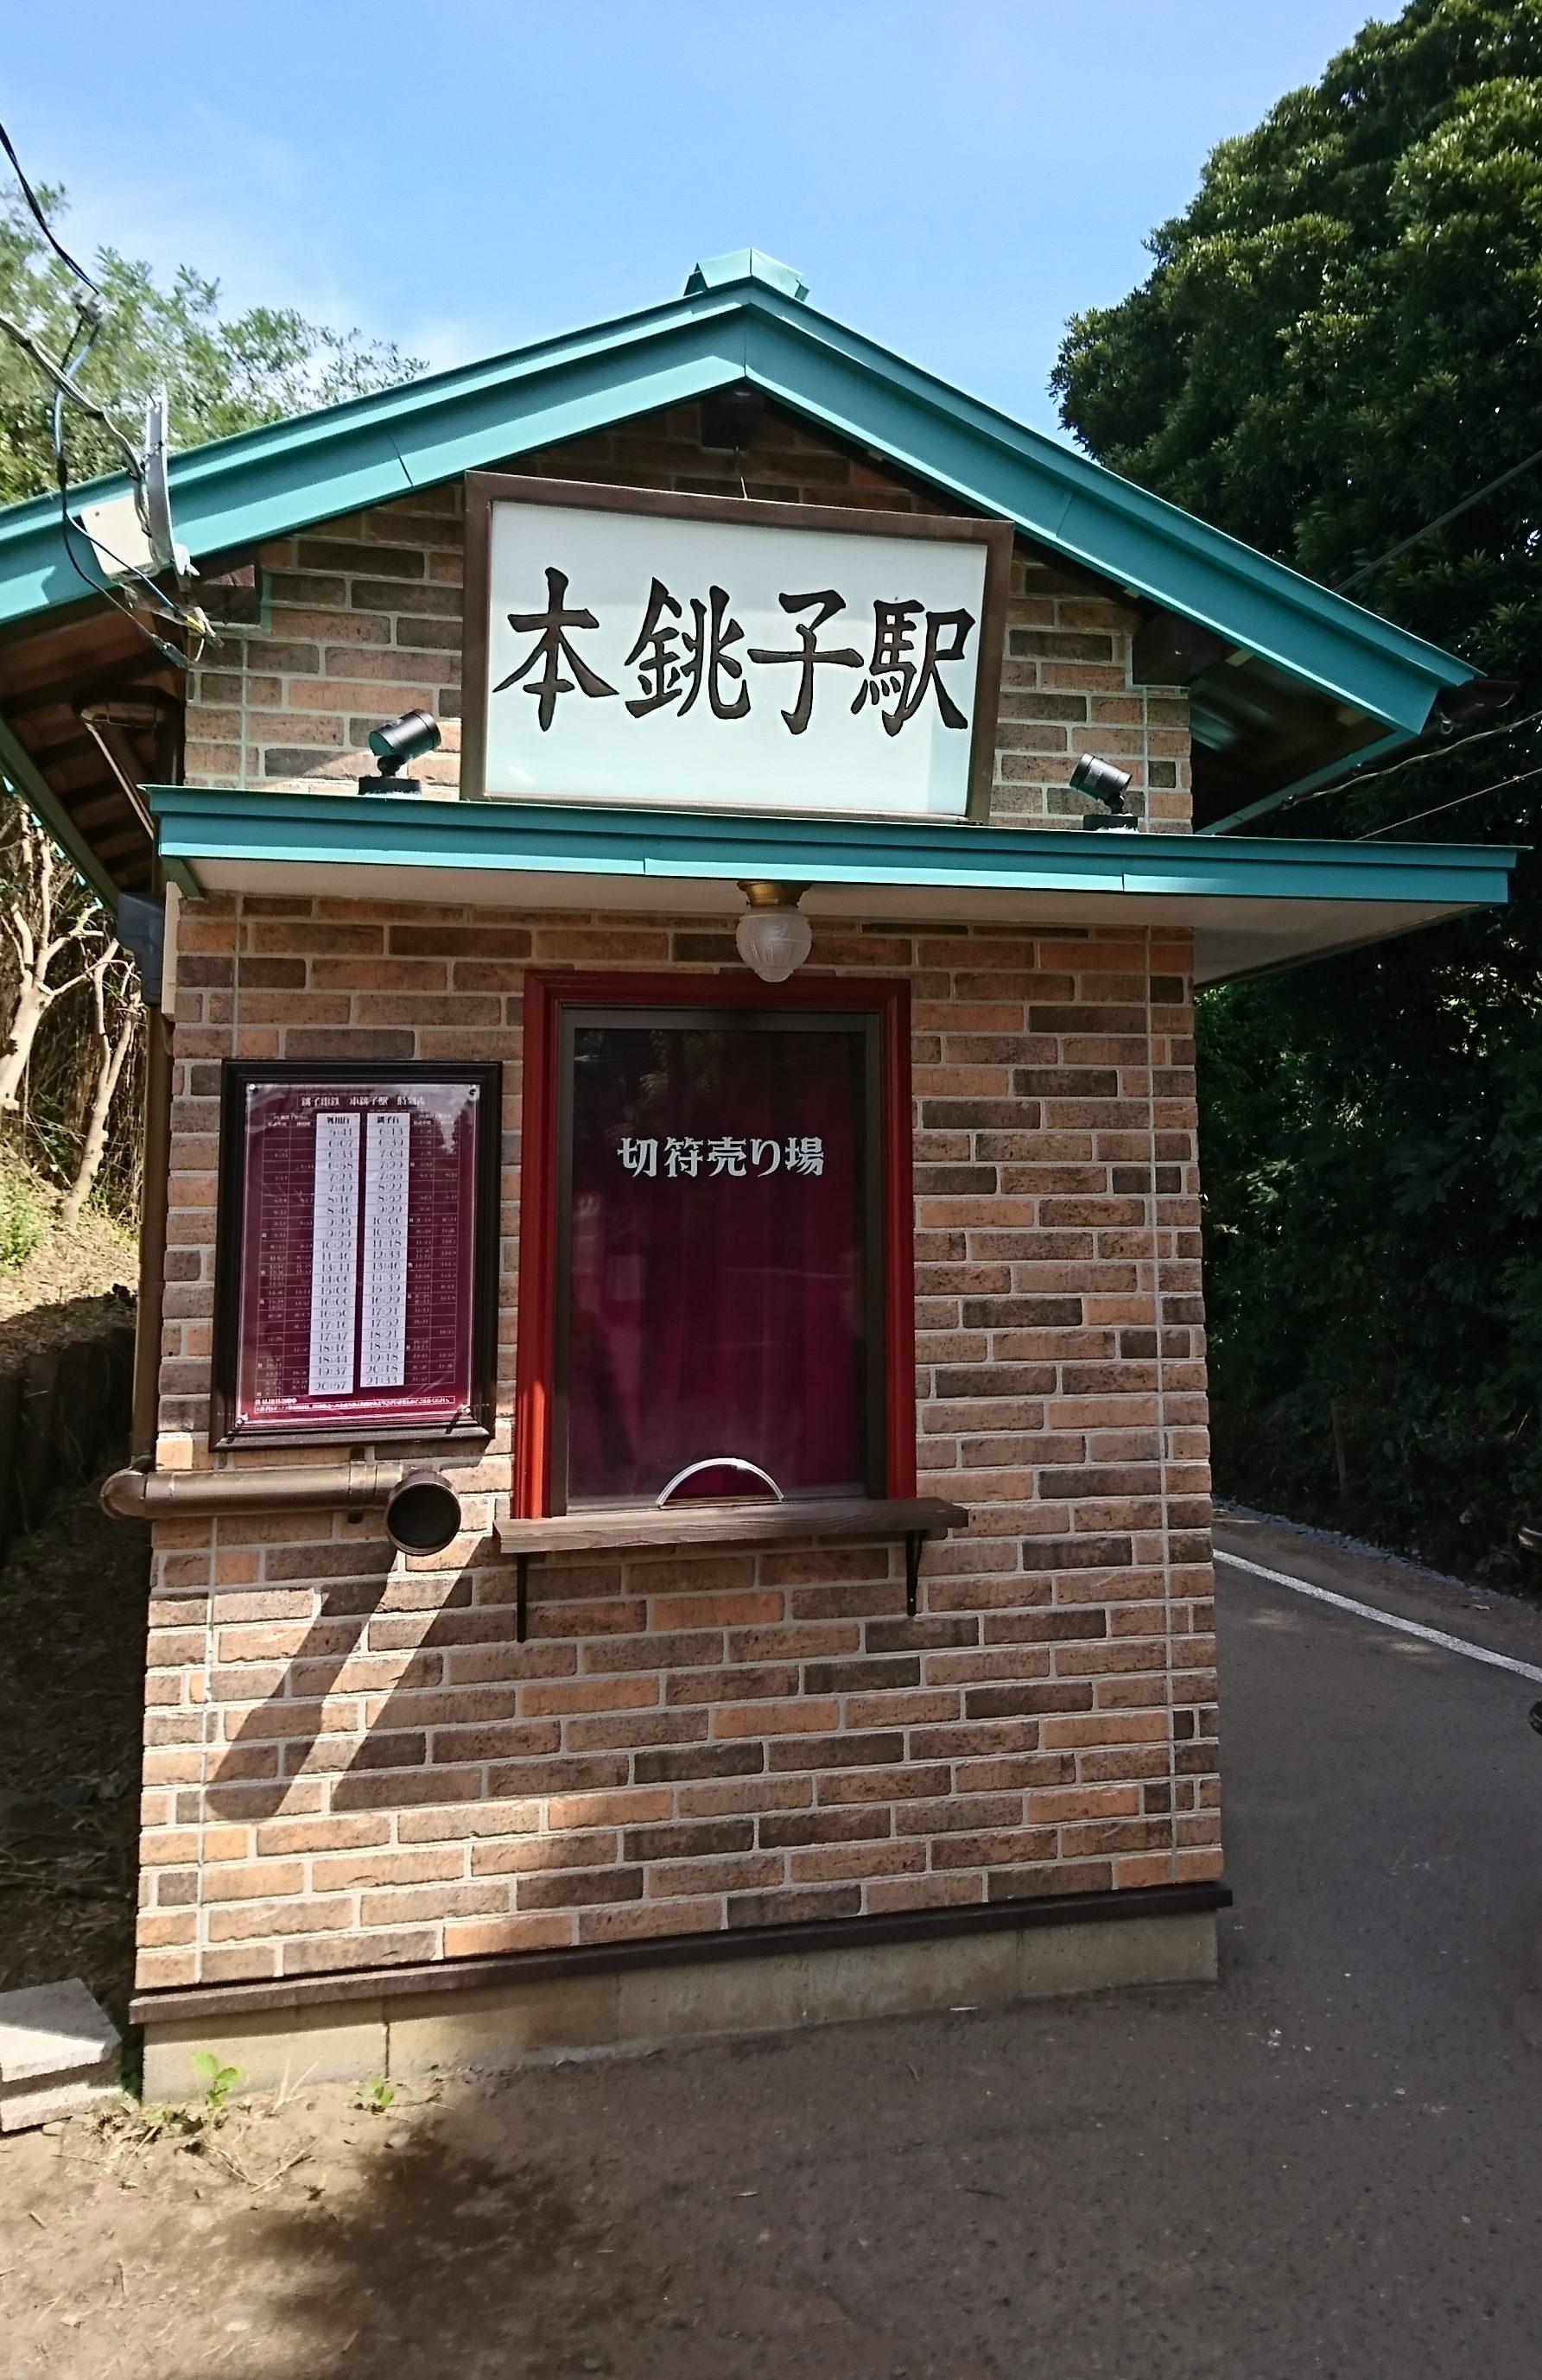 本銚子駅24時間テレビでヒロミさんがリフォームしたのは実際綺麗なの?